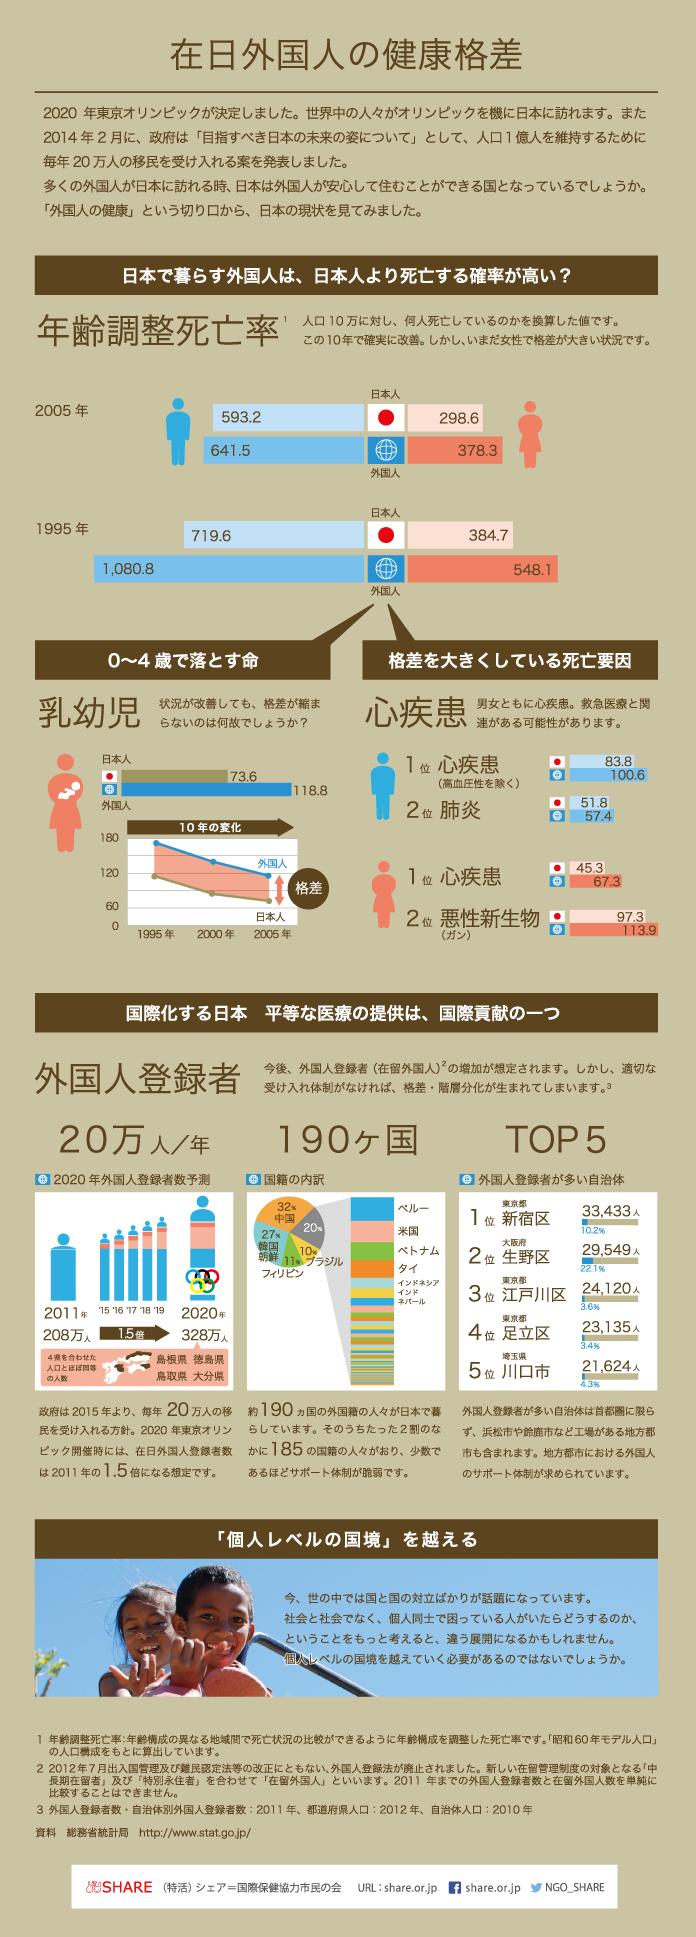 インフォグラフィック「在日外国人の健康格差」